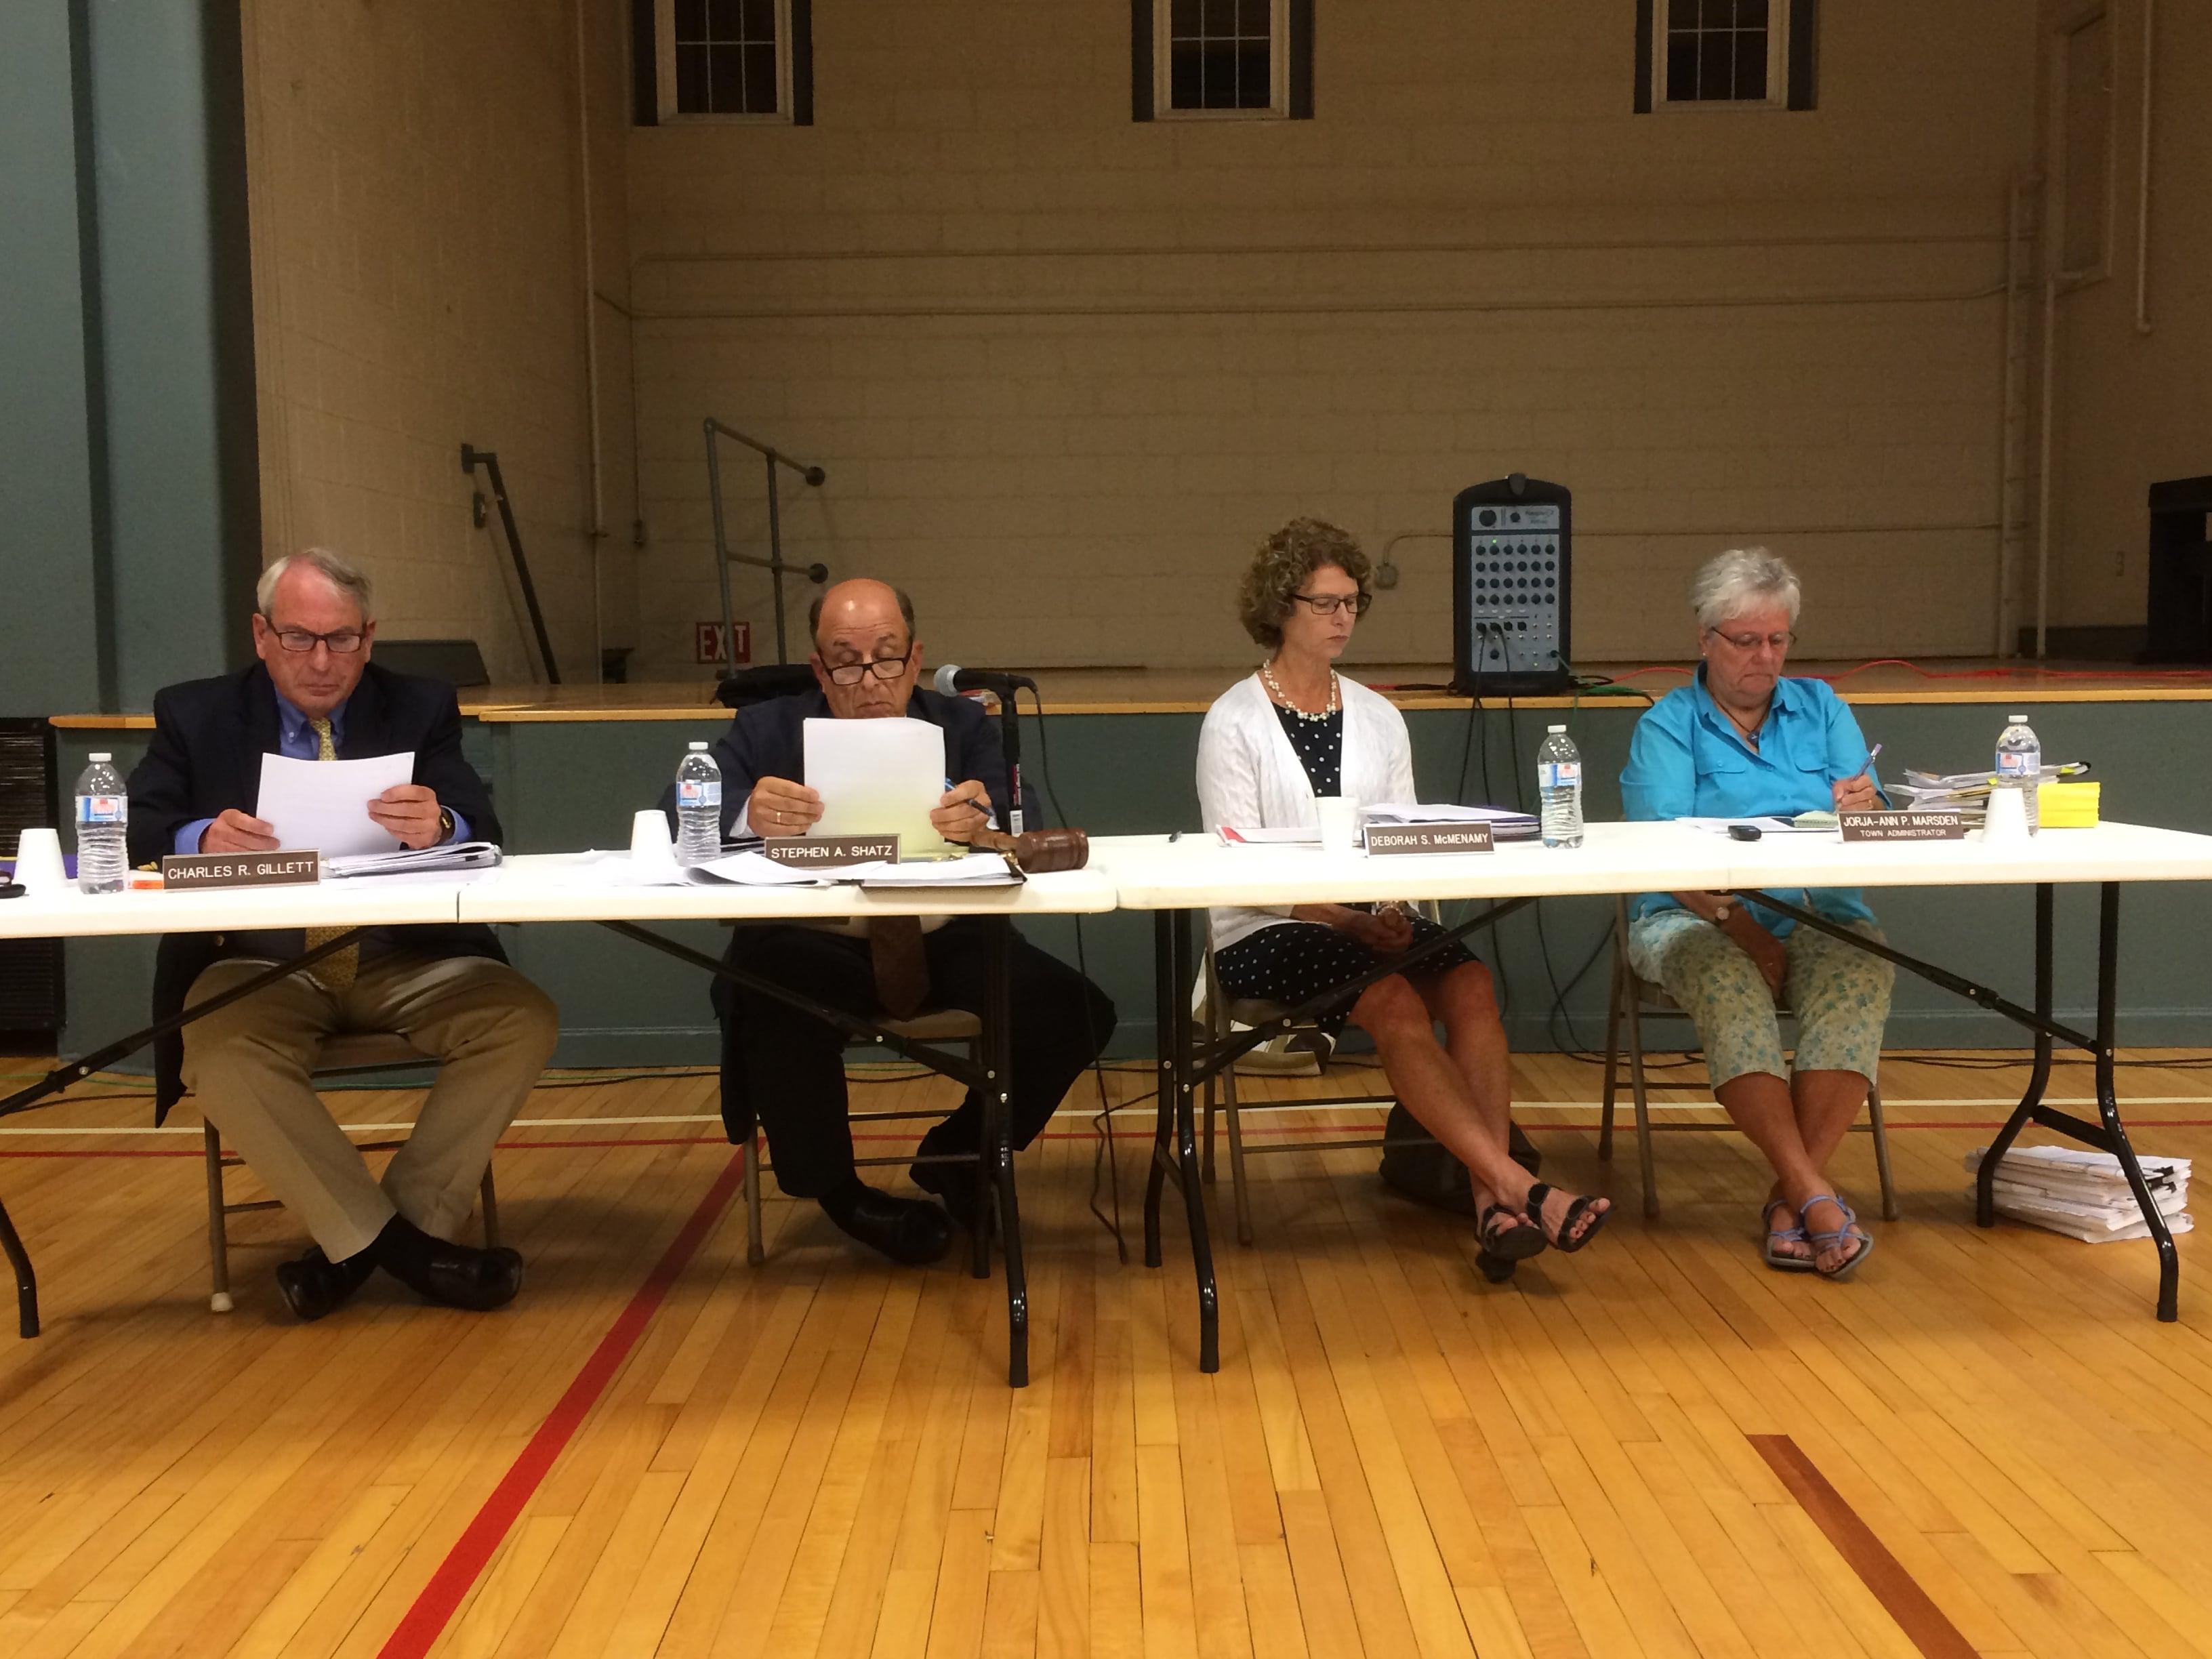 Stockbridge Board of Selectmen: from left, Charles R. Gillett, Stephen A. Shatz, Deborah S. McMenamy, and selectmen's administrator, Jorja-Ann P. Marsden